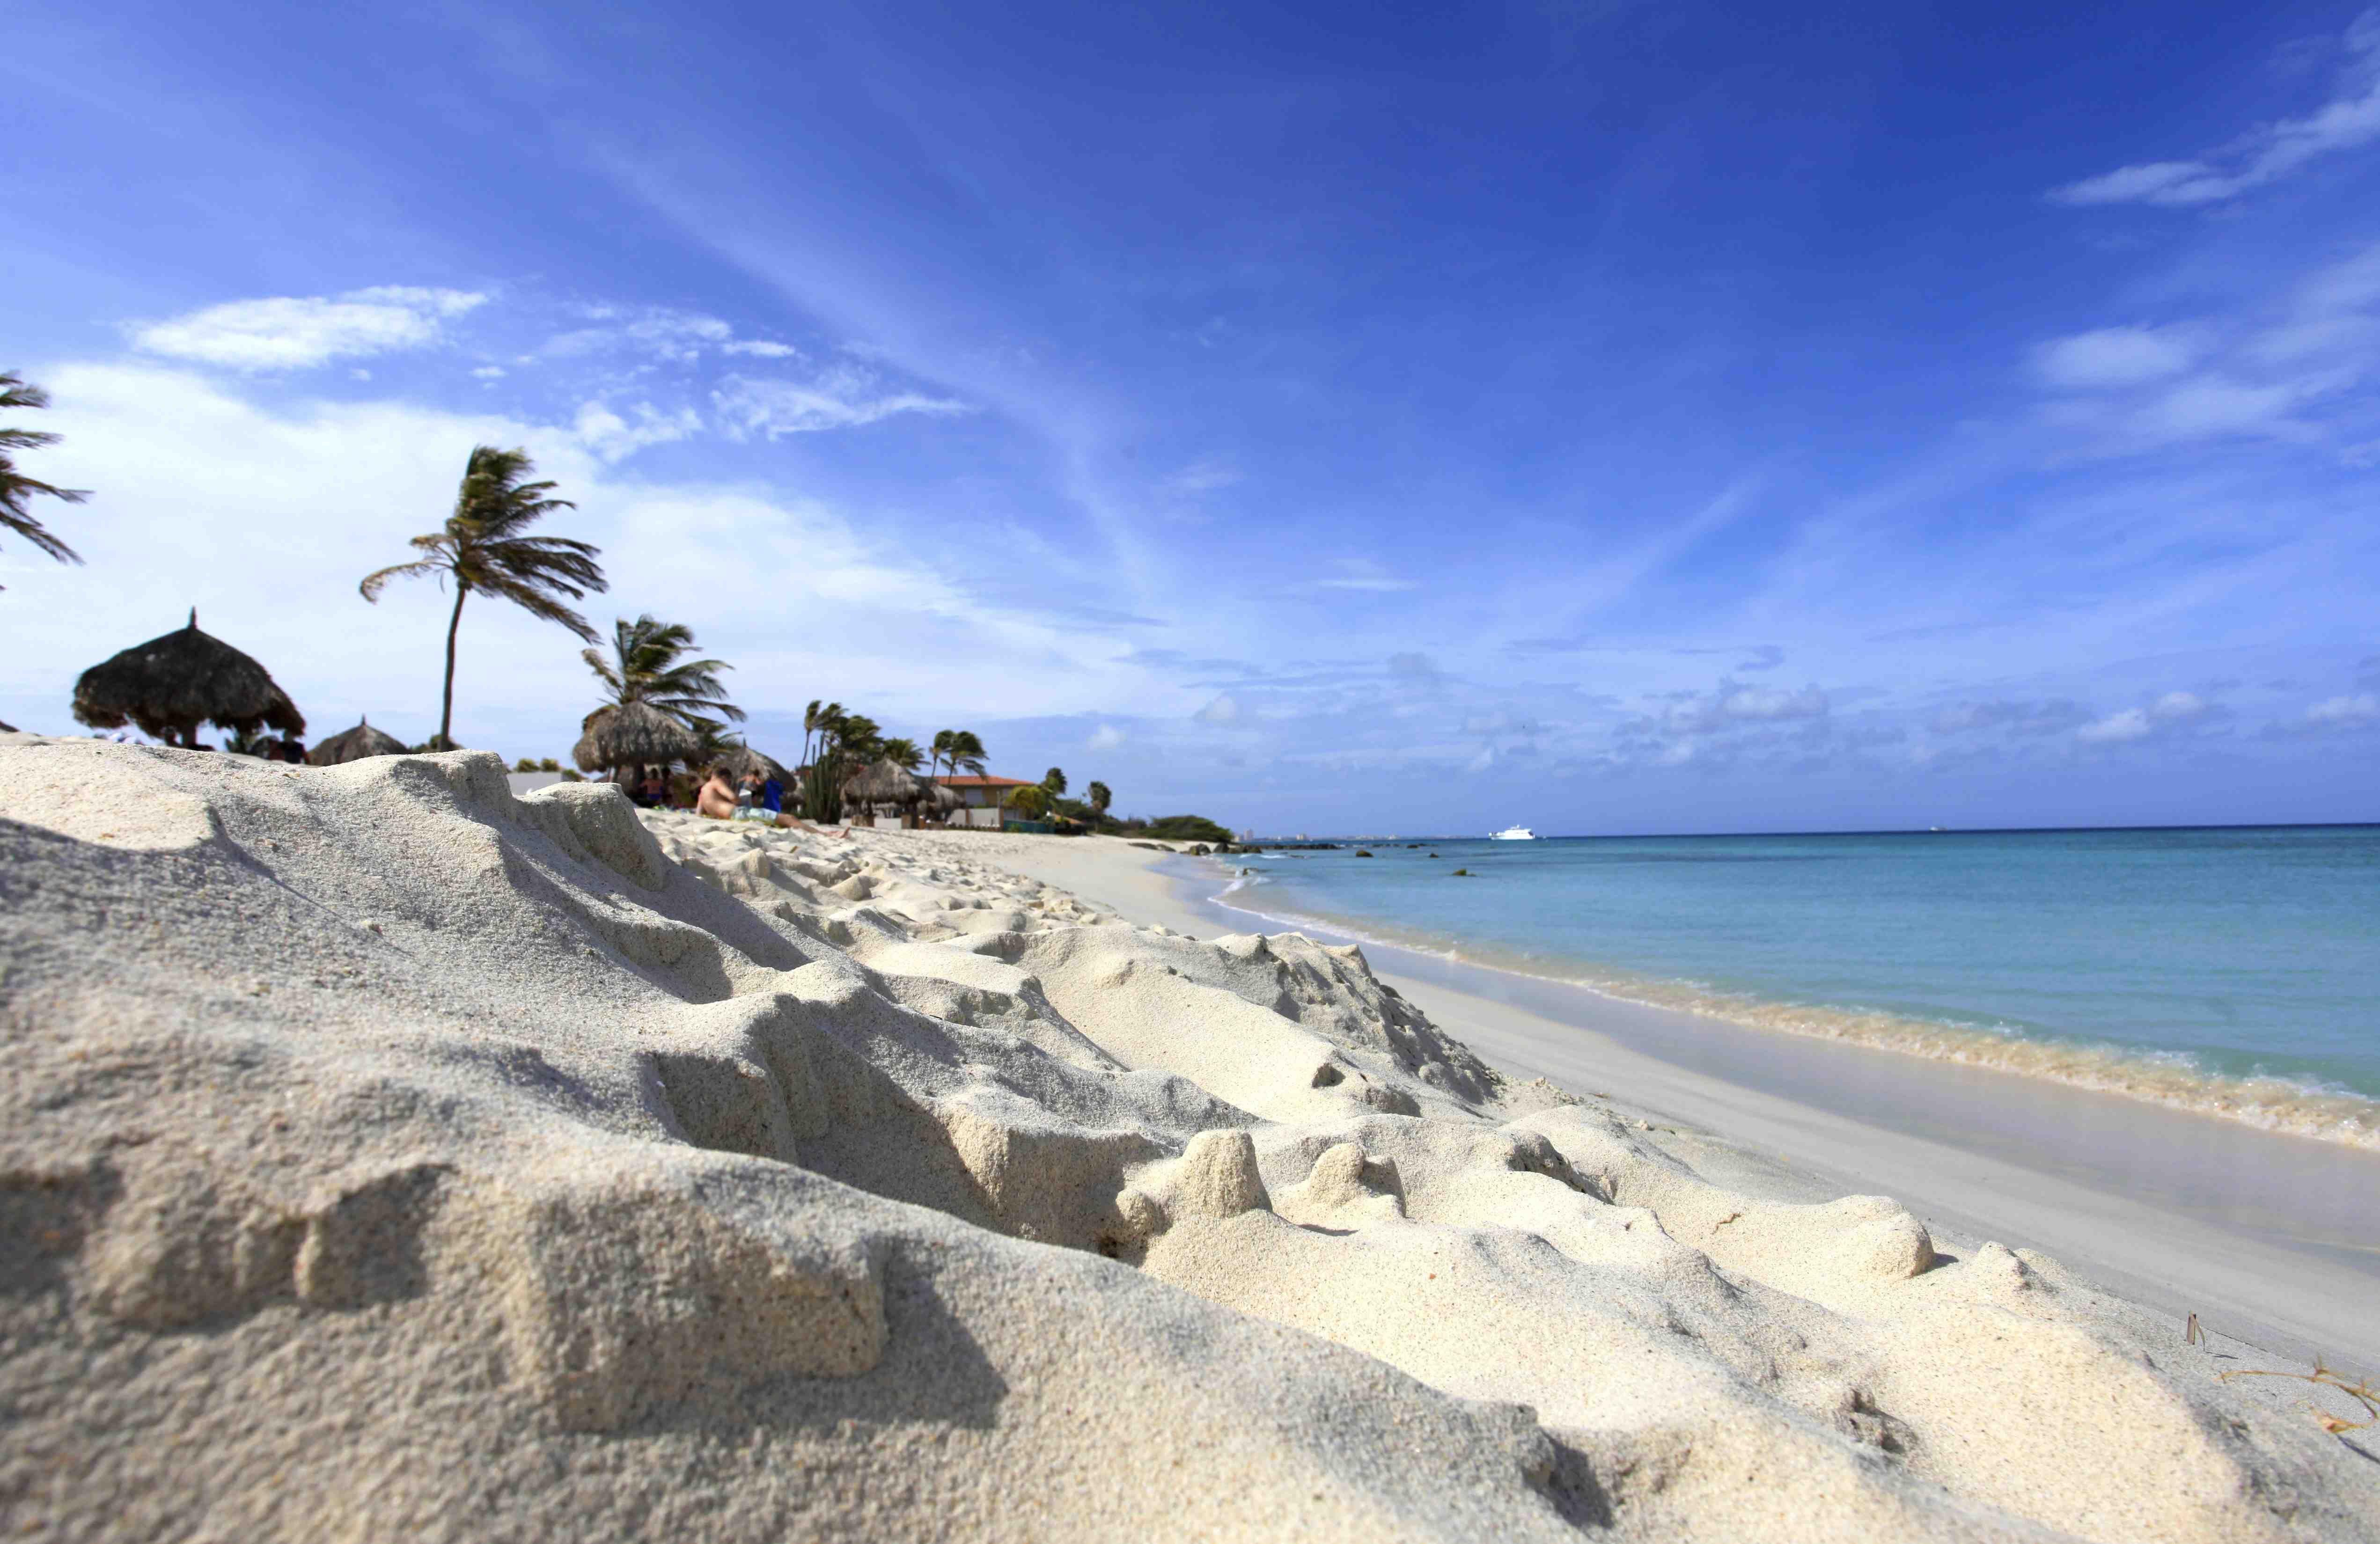 Blue Aruba Blue Aruba Playas de